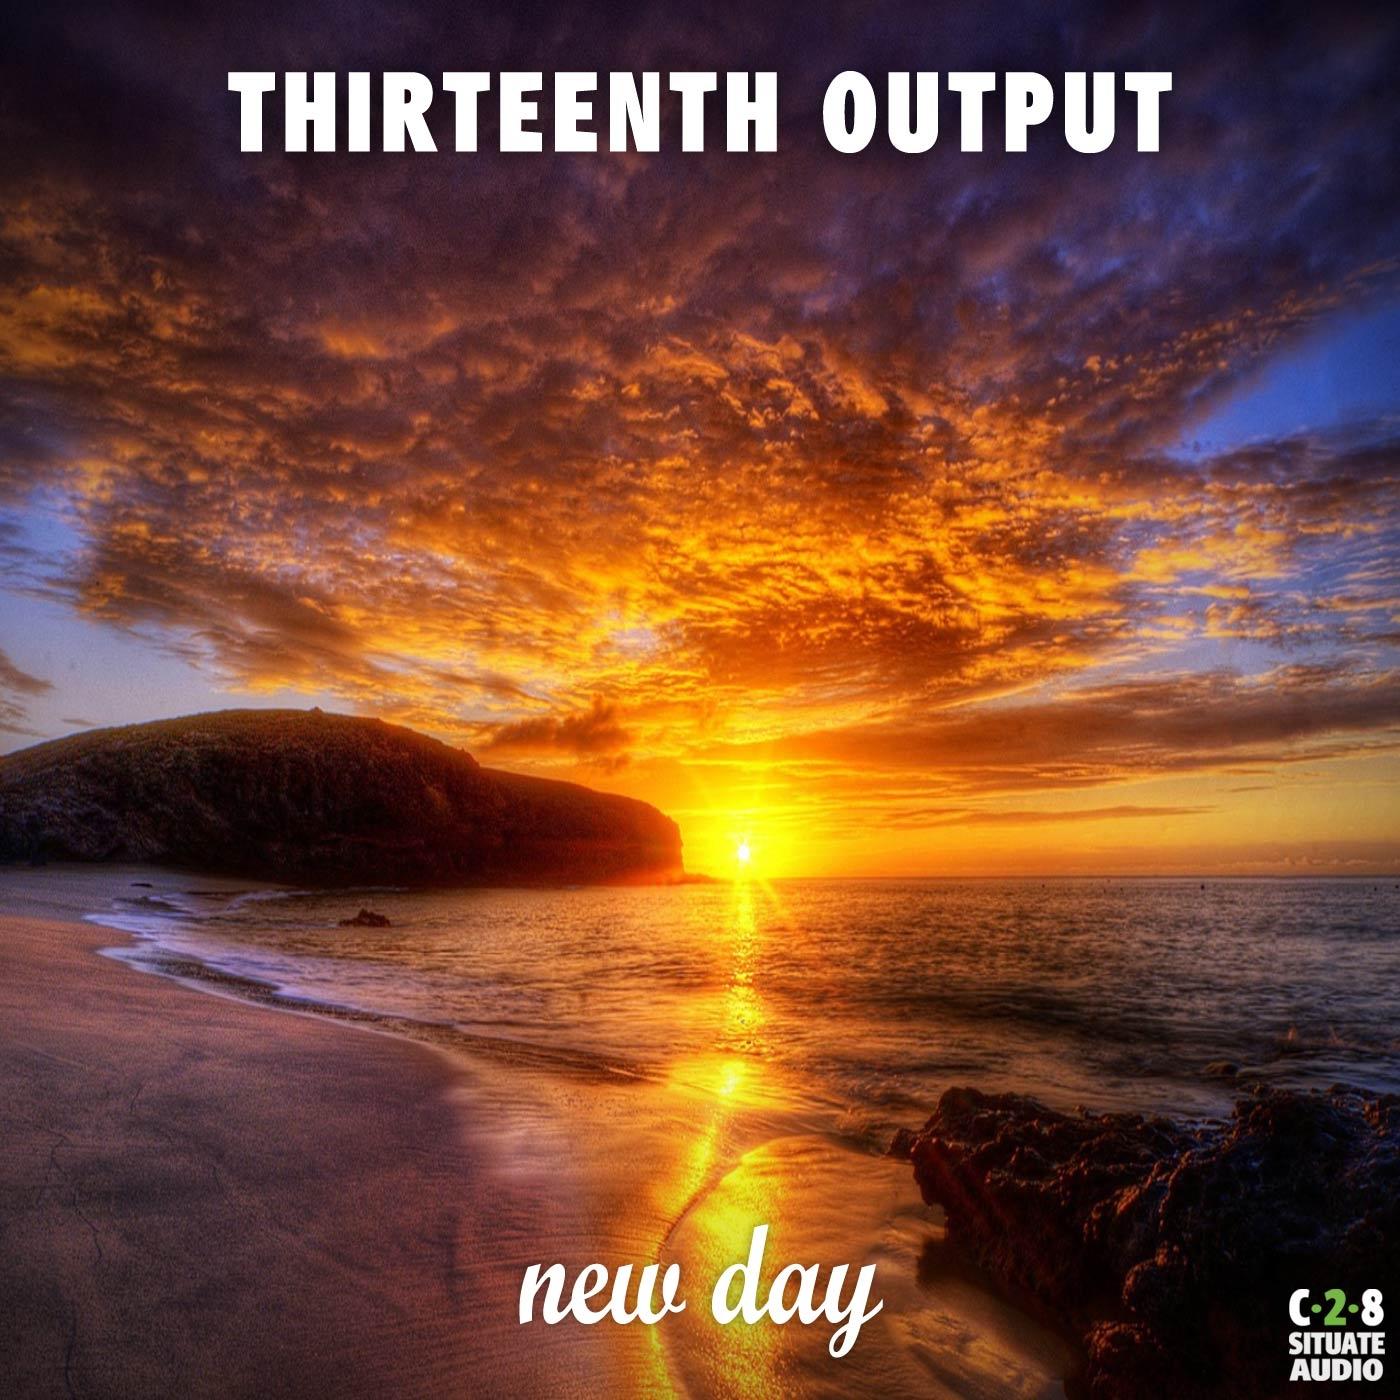 Thirteenth Output - New Day (Original Mix)